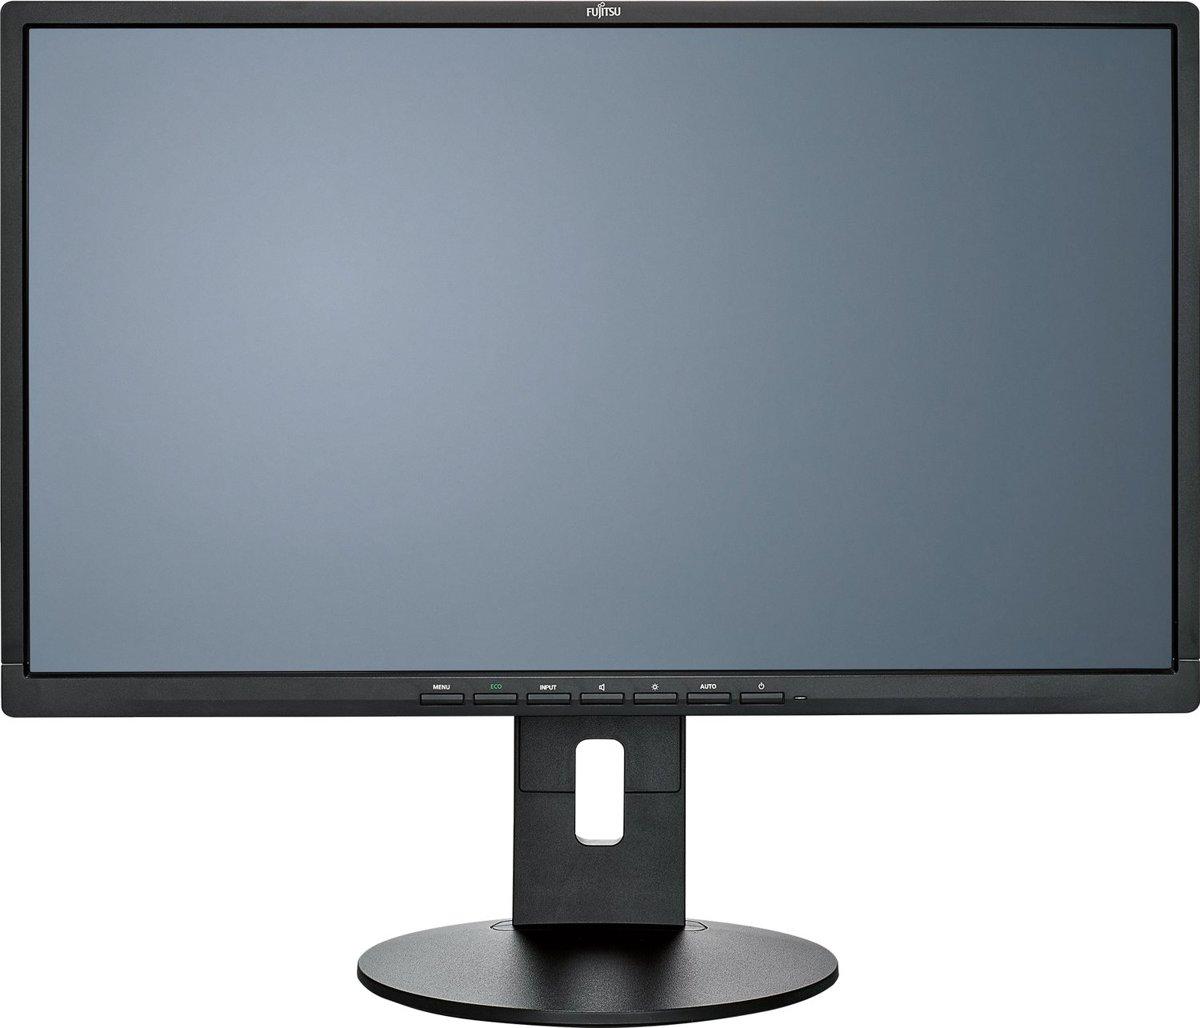 Fujitsu B24-8 TS Pro - Full HD Monitor